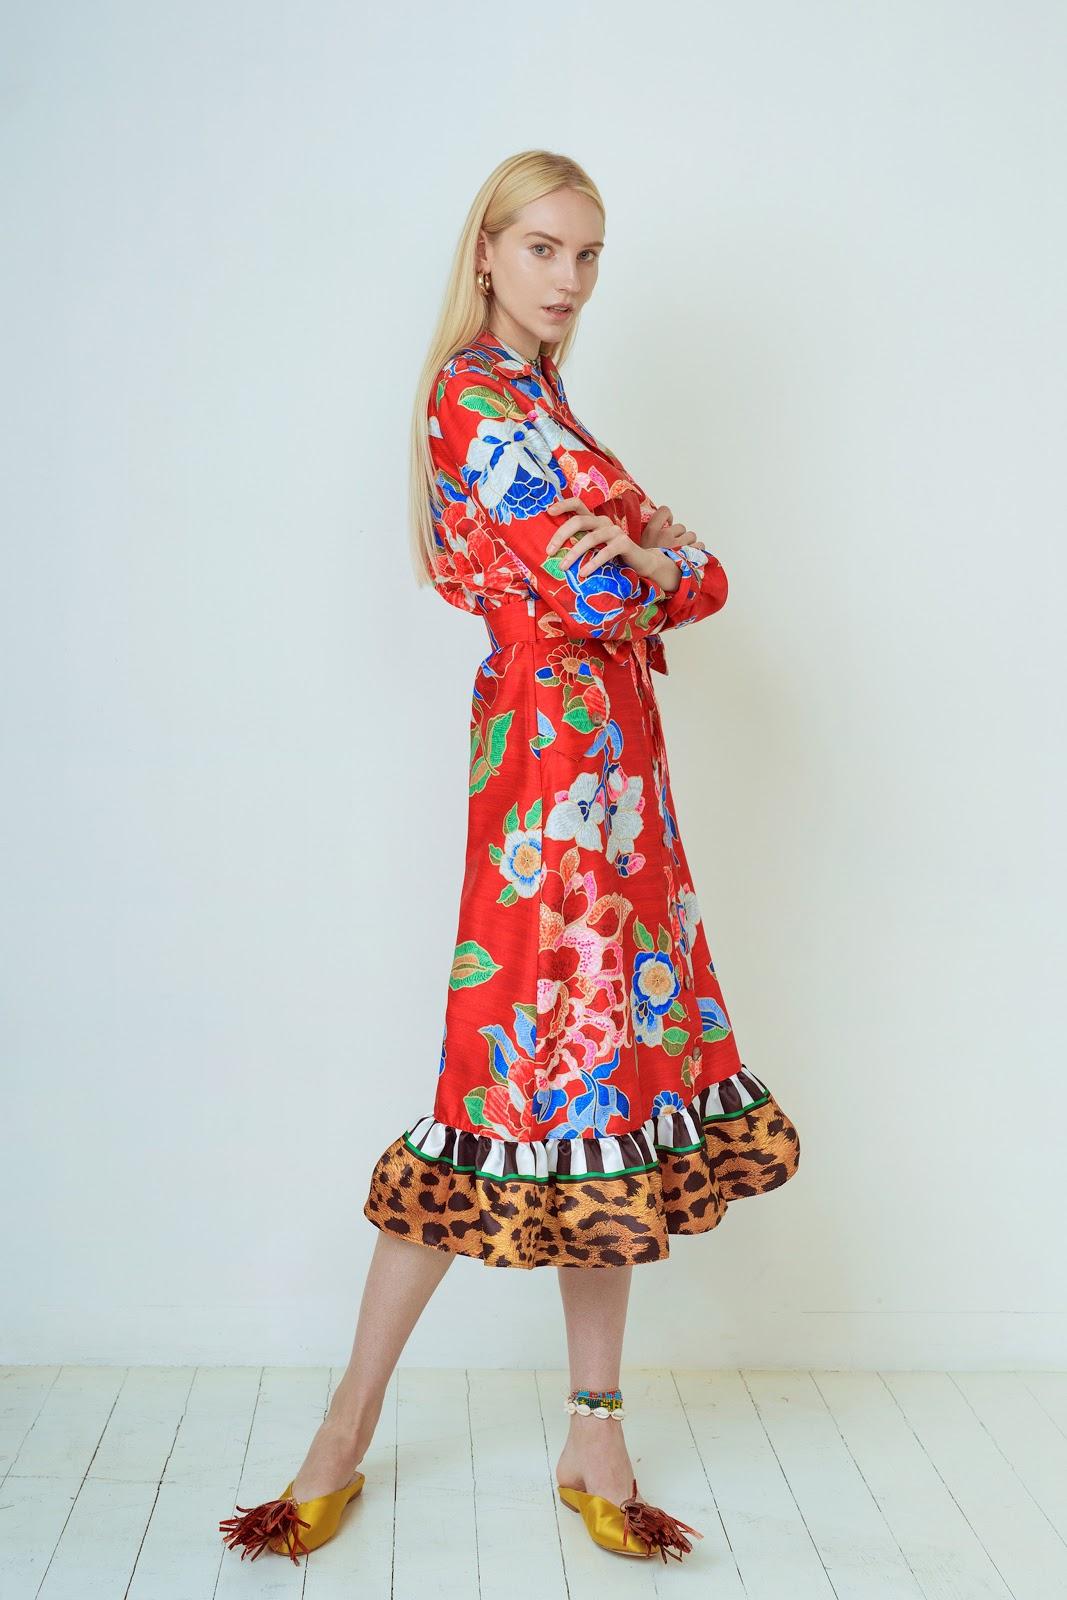 00005 Stella Jean Resort 2019 Vogue 2019 pr - Stella Jean Resort 2019 Trend Present Assortment - Runway